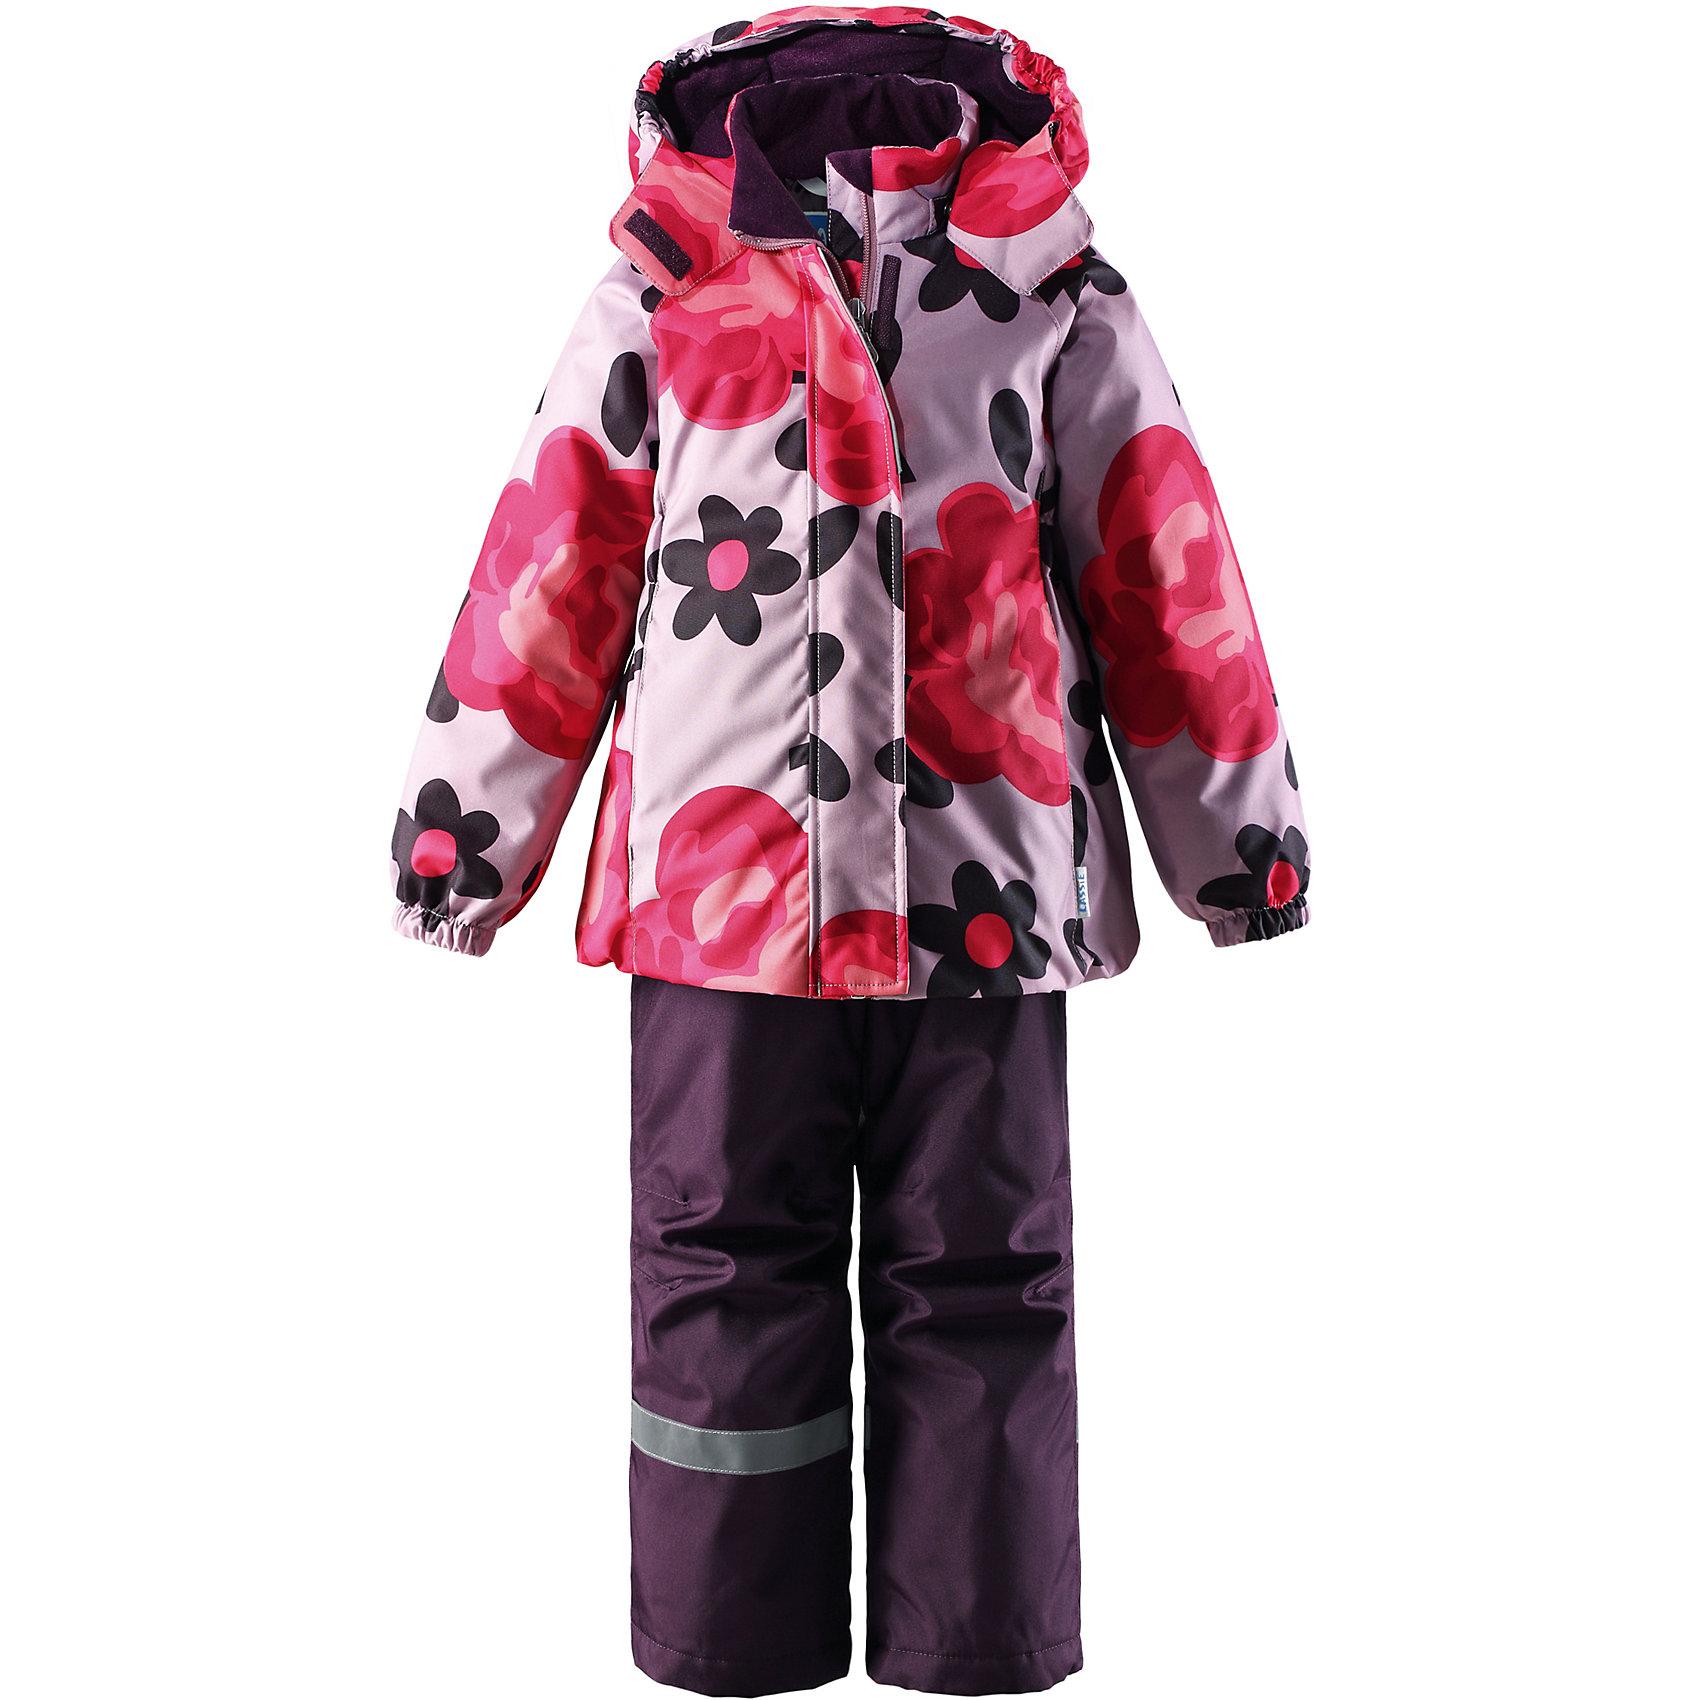 Комплект для девочки LASSIEОдежда<br>Зимний комплект для детей известной финской марки.<br><br>-  Прочный материал. Водоотталкивающий, ветронепроницаемый, «дышащий» и грязеотталкивающий материал.<br>-  Задний серединный шов брюк проклеен.<br>-  Гладкая подкладка из полиэстра.<br>-  Средняя степень утепления. <br>- Безопасный, съемный капюшон.<br>-  Эластичные манжеты. Эластичная талия. <br>- Регулируемый подол. Снегозащитные манжеты на штанинах. <br>- Ширинка на молнии. Карманы в боковых швах.<br>-  Регулируемые и отстегивающиеся эластичные подтяжки.<br>-  Принт по всей поверхности. <br><br> Рекомендации по уходу: Стирать по отдельности, вывернув наизнанку. Застегнуть молнии и липучки. Соблюдать температуру в соответствии с руководством по уходу. Стирать моющим средством, не содержащим отбеливающие вещества. Полоскать без специального средства. Сушение в сушильном шкафу разрешено при  низкой температуре.<br><br>Состав: 100% Полиамид, полиуретановое покрытие.  Утеплитель «Lassie wadding» 100гр.(брюки); 180гр.(куртка).<br><br>Ширина мм: 190<br>Глубина мм: 74<br>Высота мм: 229<br>Вес г: 236<br>Цвет: розовый<br>Возраст от месяцев: 60<br>Возраст до месяцев: 72<br>Пол: Женский<br>Возраст: Детский<br>Размер: 116,140,92,98,104,110,122,128,134<br>SKU: 4782198